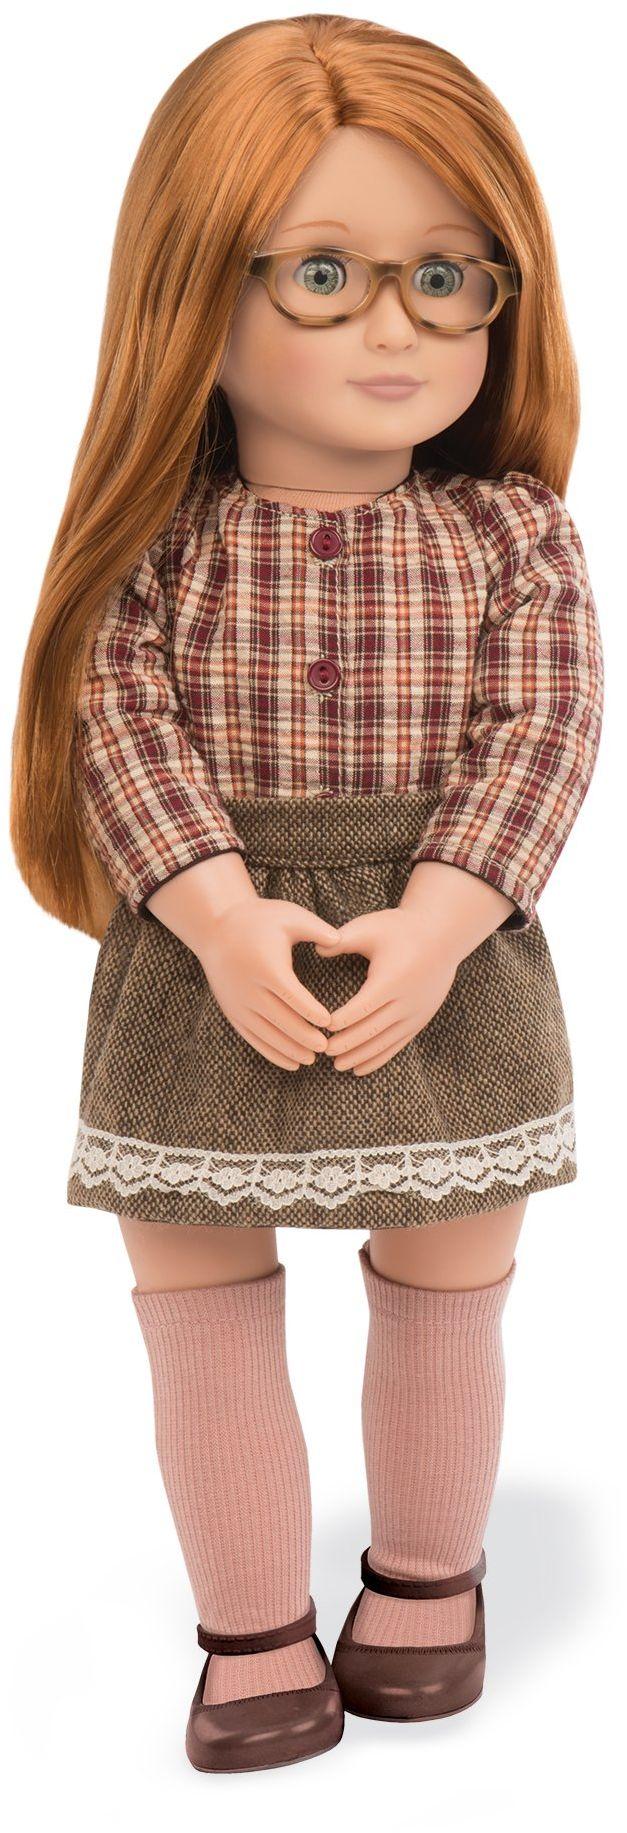 Our Generation 70.31078 kwietnia 46 cm modna lalka, kasztanowa, 46 cali